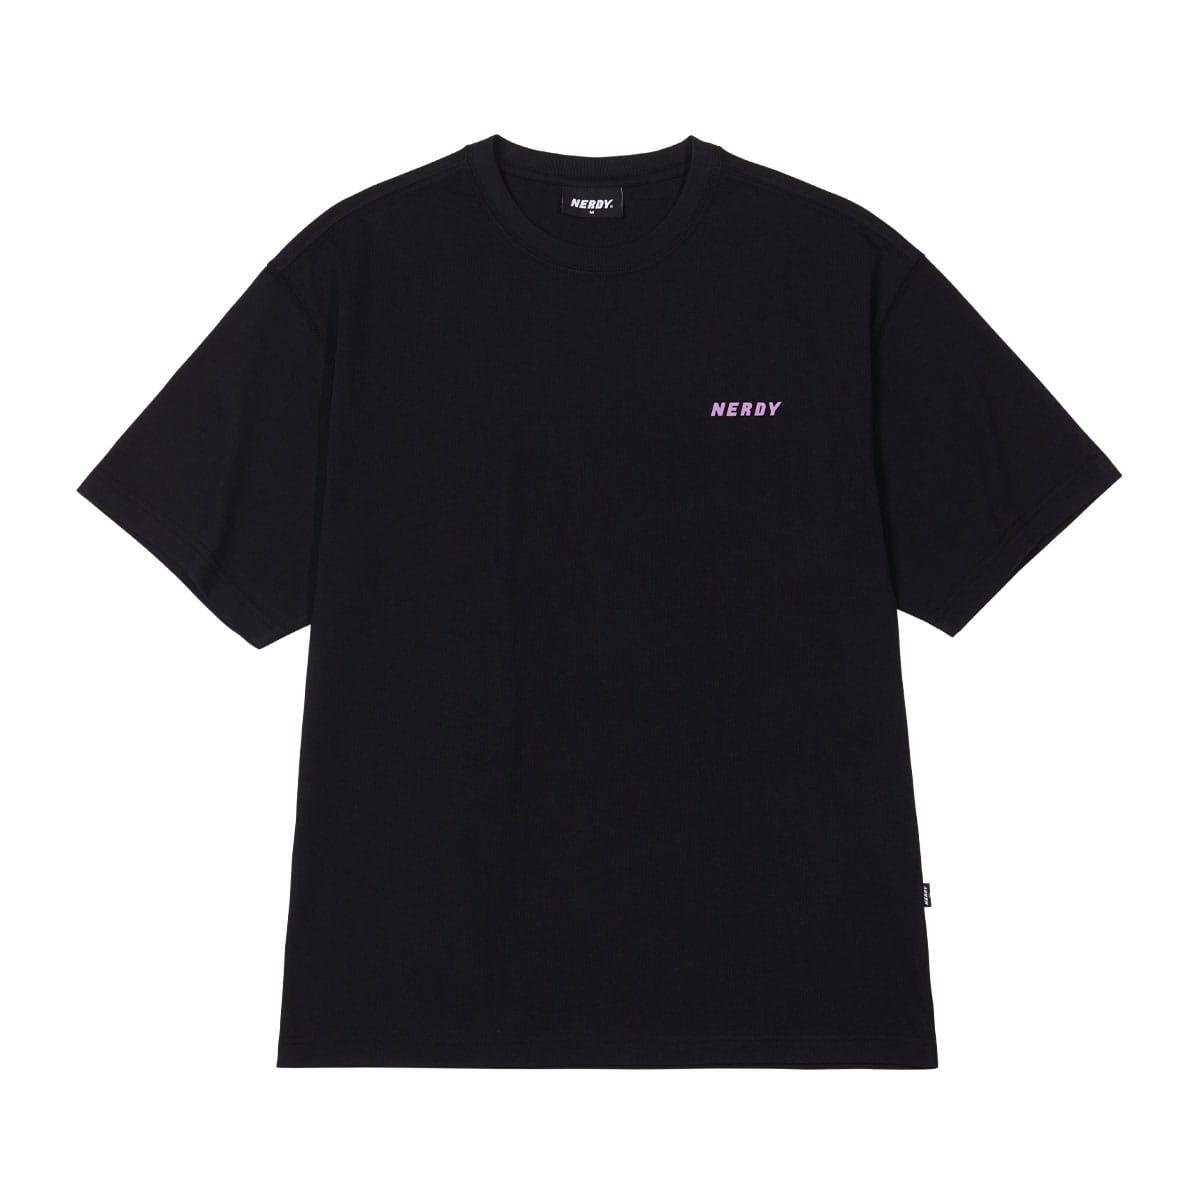 NERDY Back Slogan 1/2 Sleeve T-shirt BLACK 21SP-I_photo_large